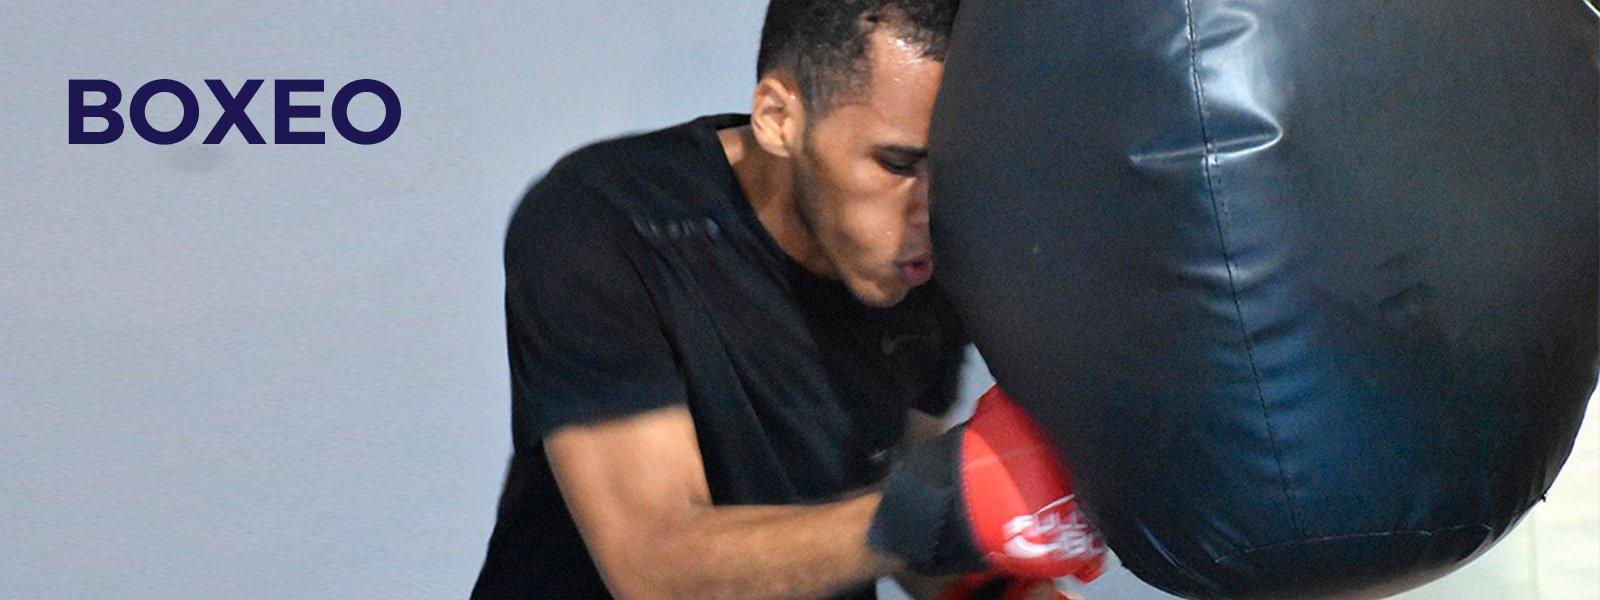 boxeo san telmo